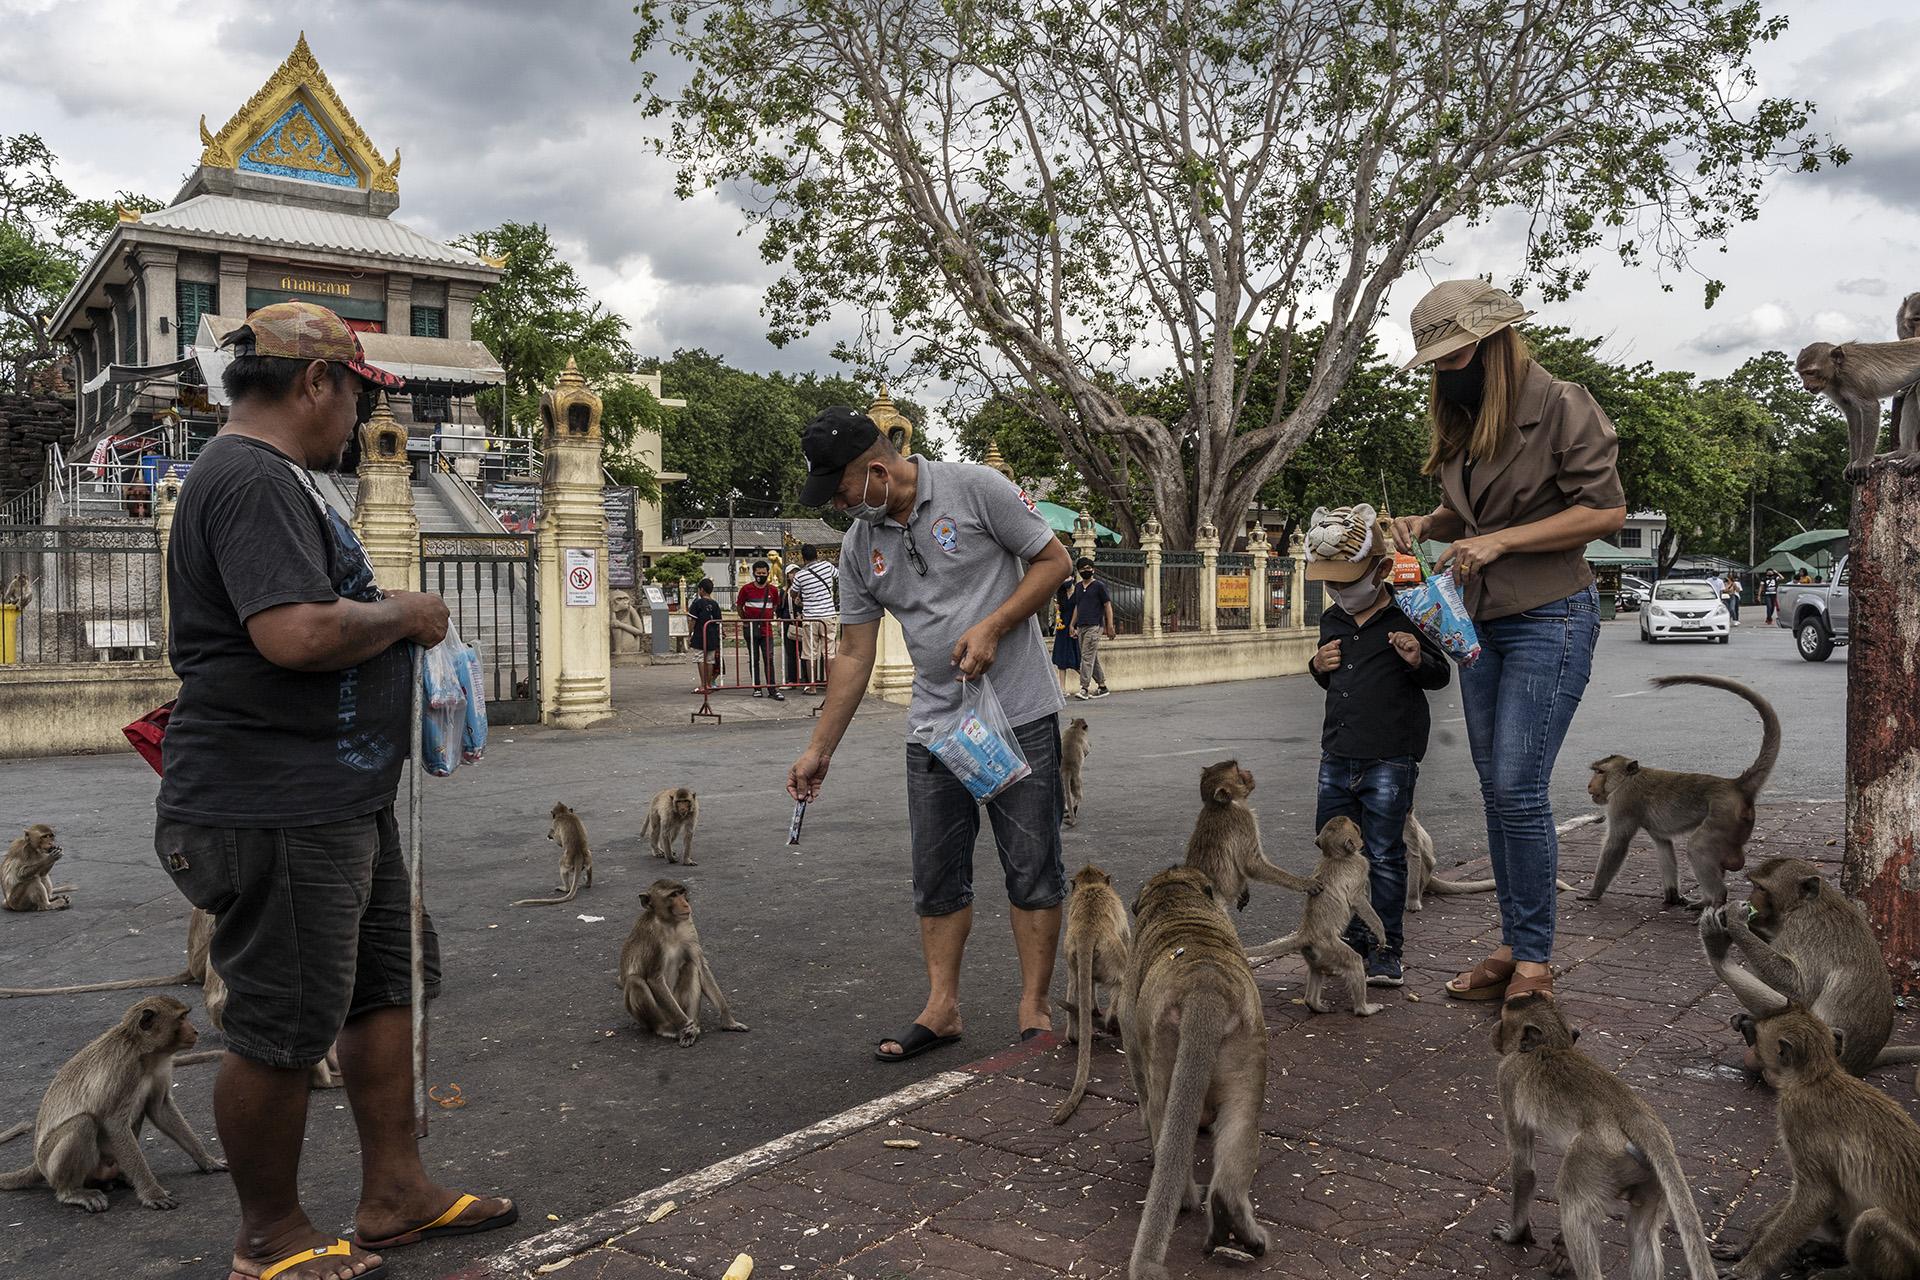 Un guía (a la izquierda) vende galletas a los turistas que alimentan a los monos frente al templo de Phra Kan en Lopburi